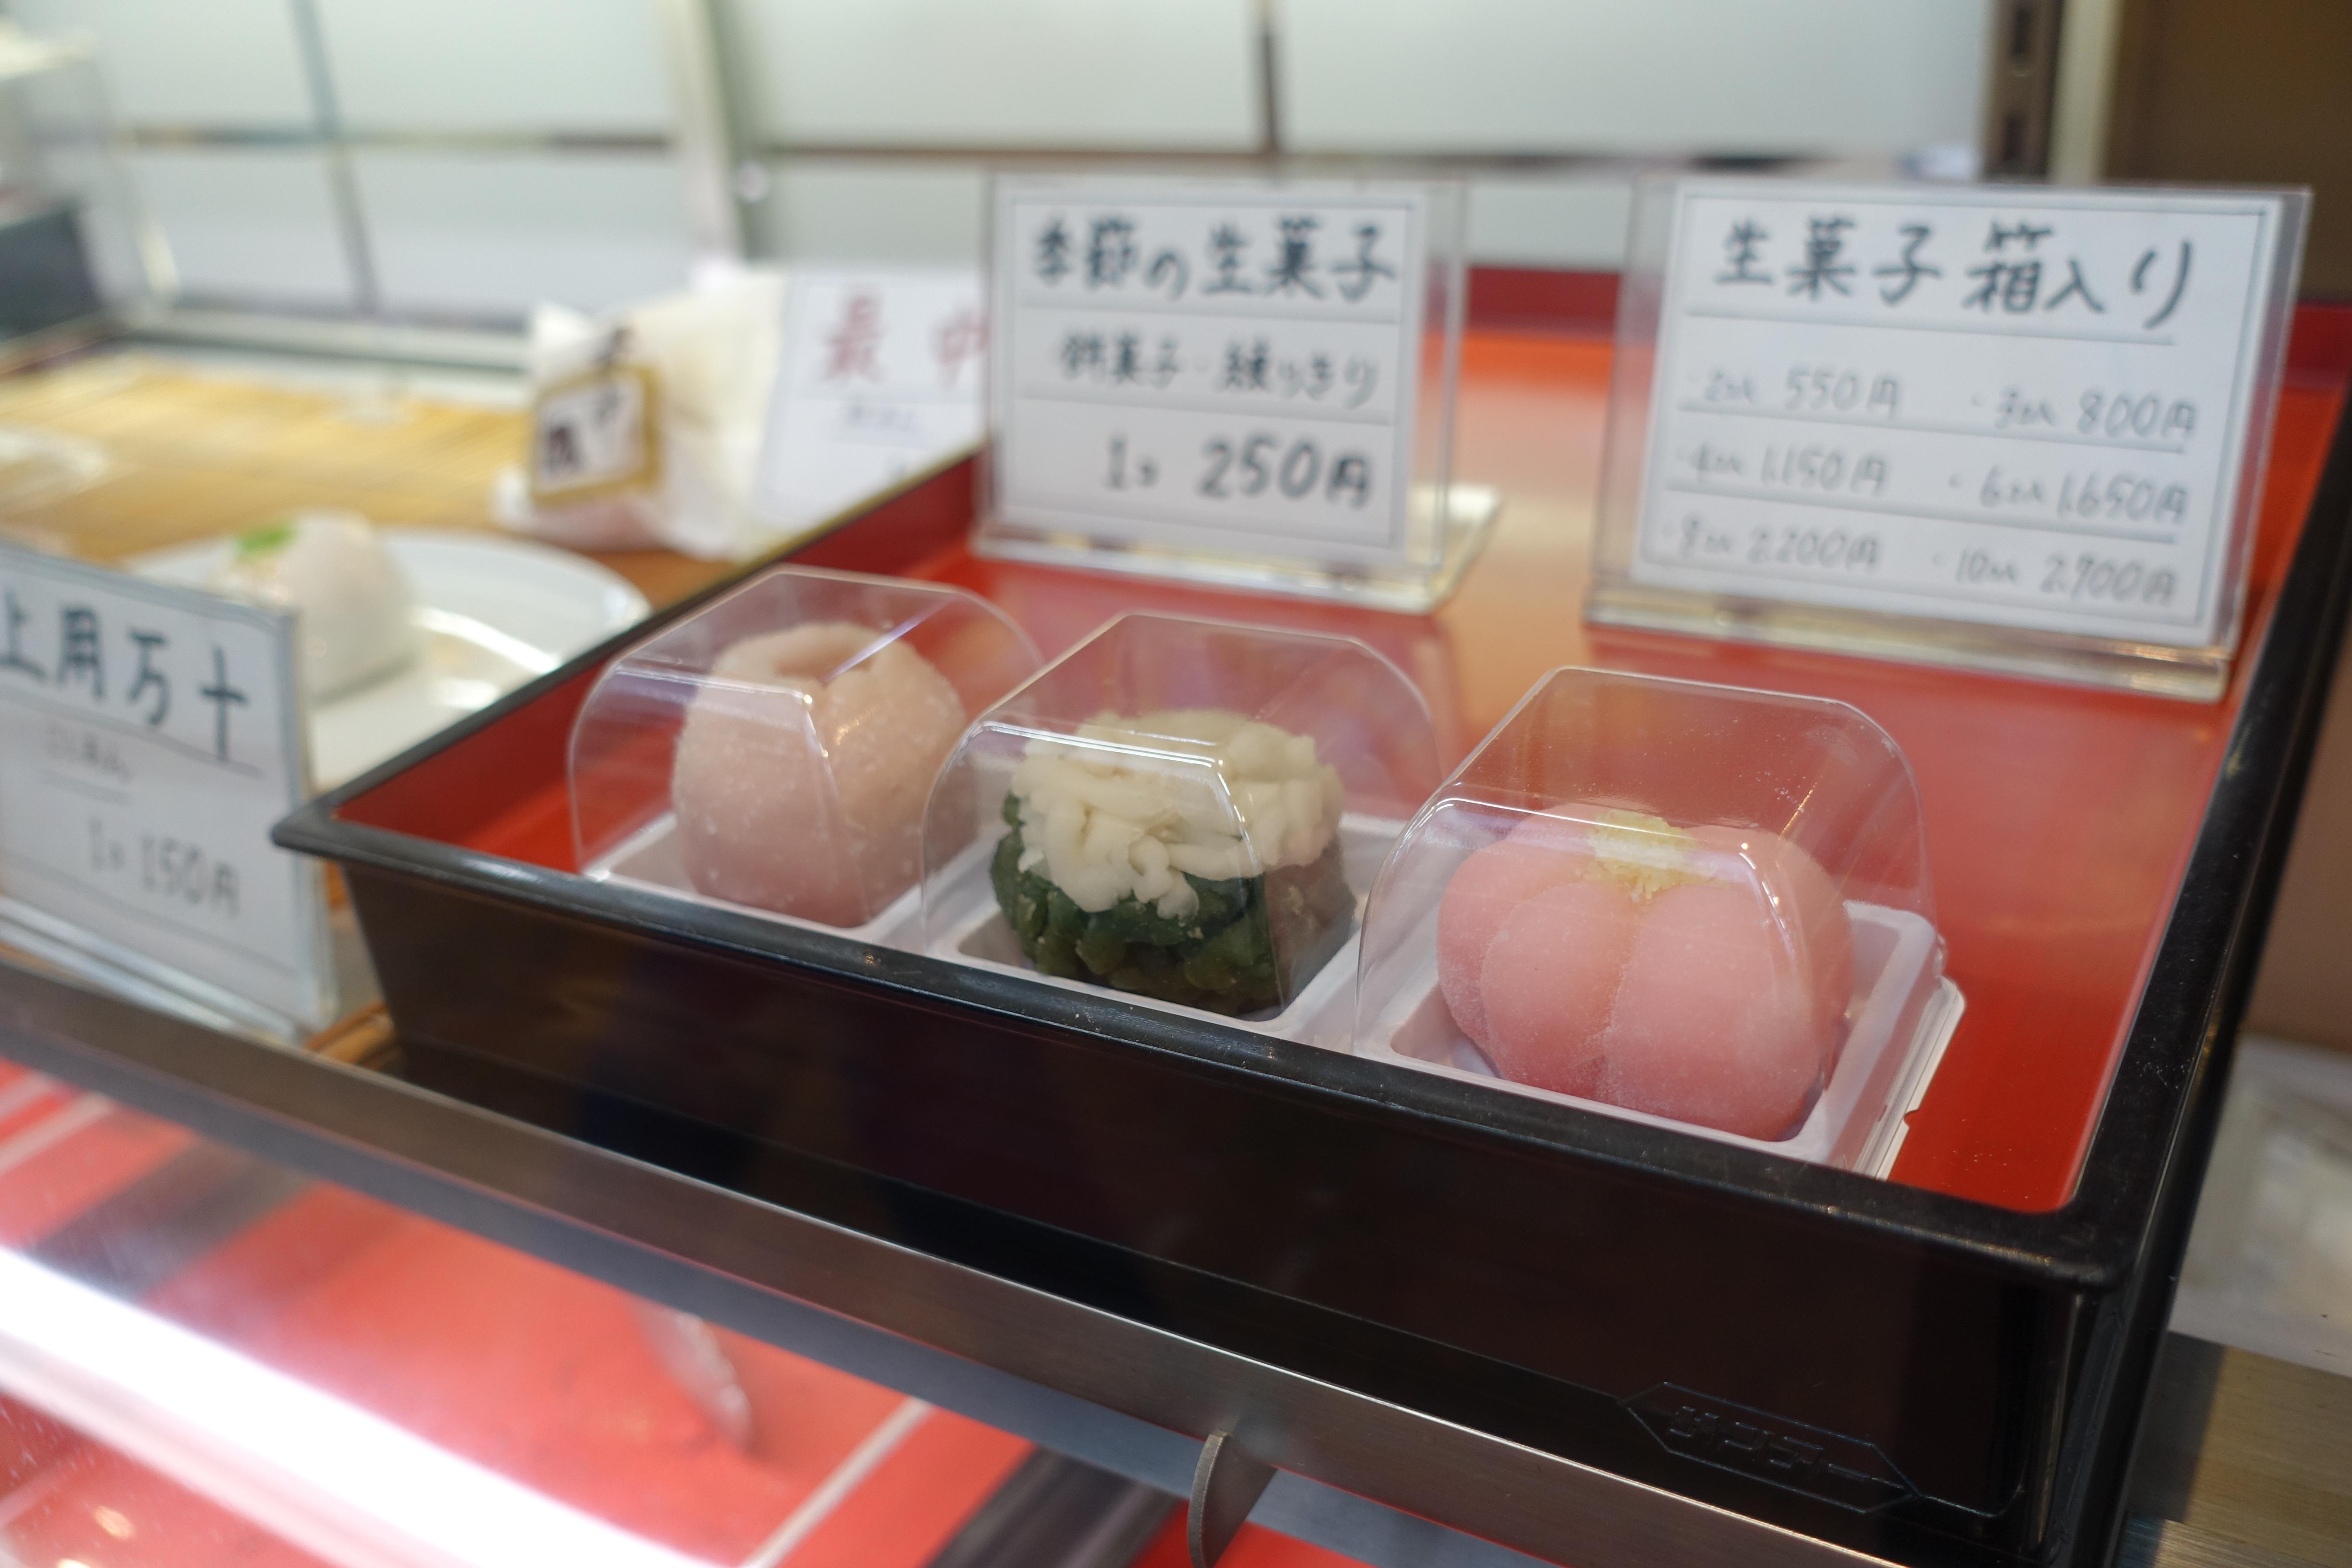 柳橋連合市場「鮹松月(たこしょうげつ)」の和菓子